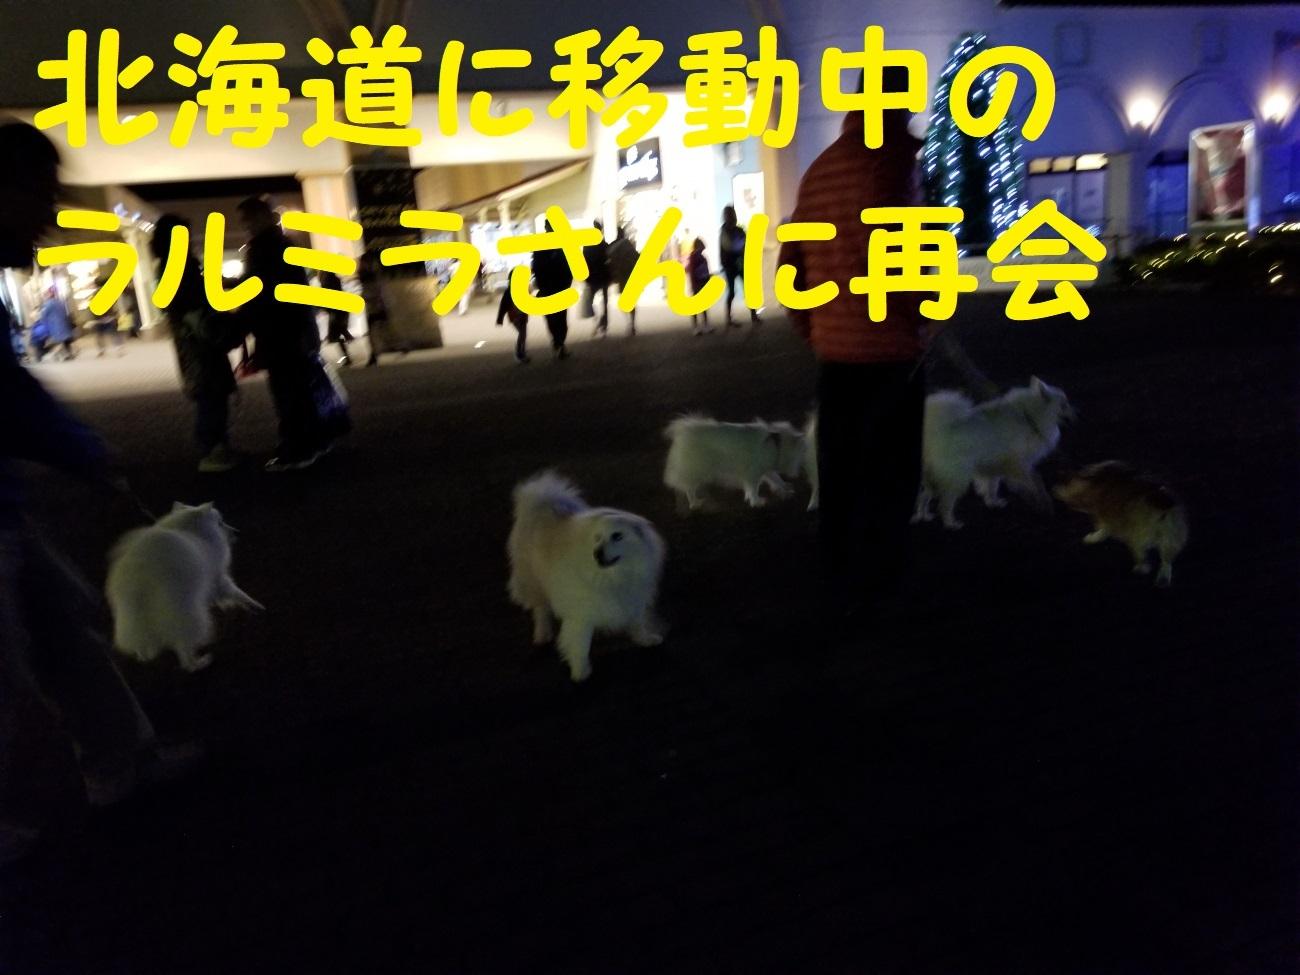 20171123_173846.jpg